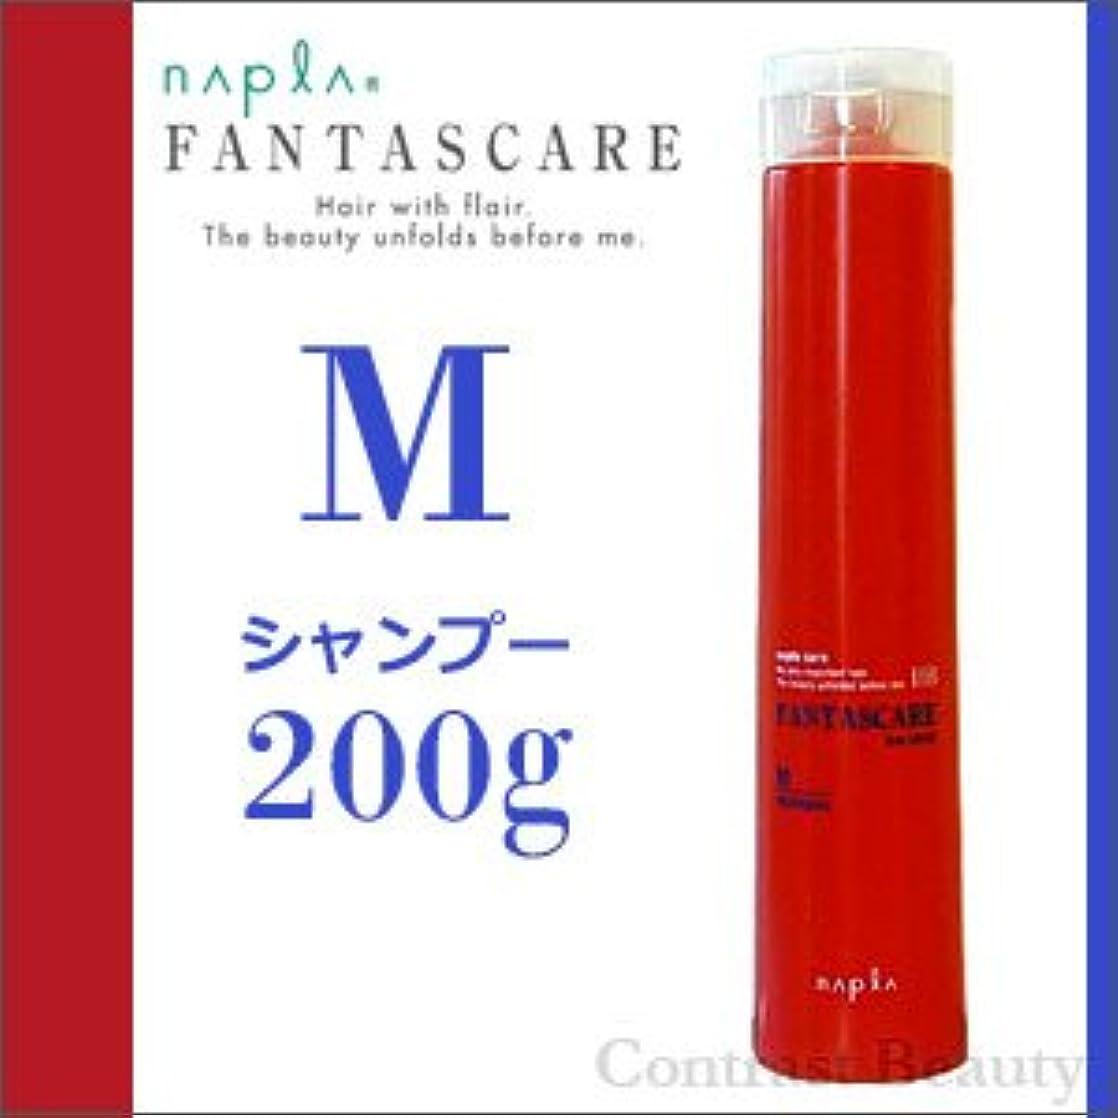 詳細な処理休憩【X3個セット】 ナプラ ファンタスケア Mシャンプー 200g napla